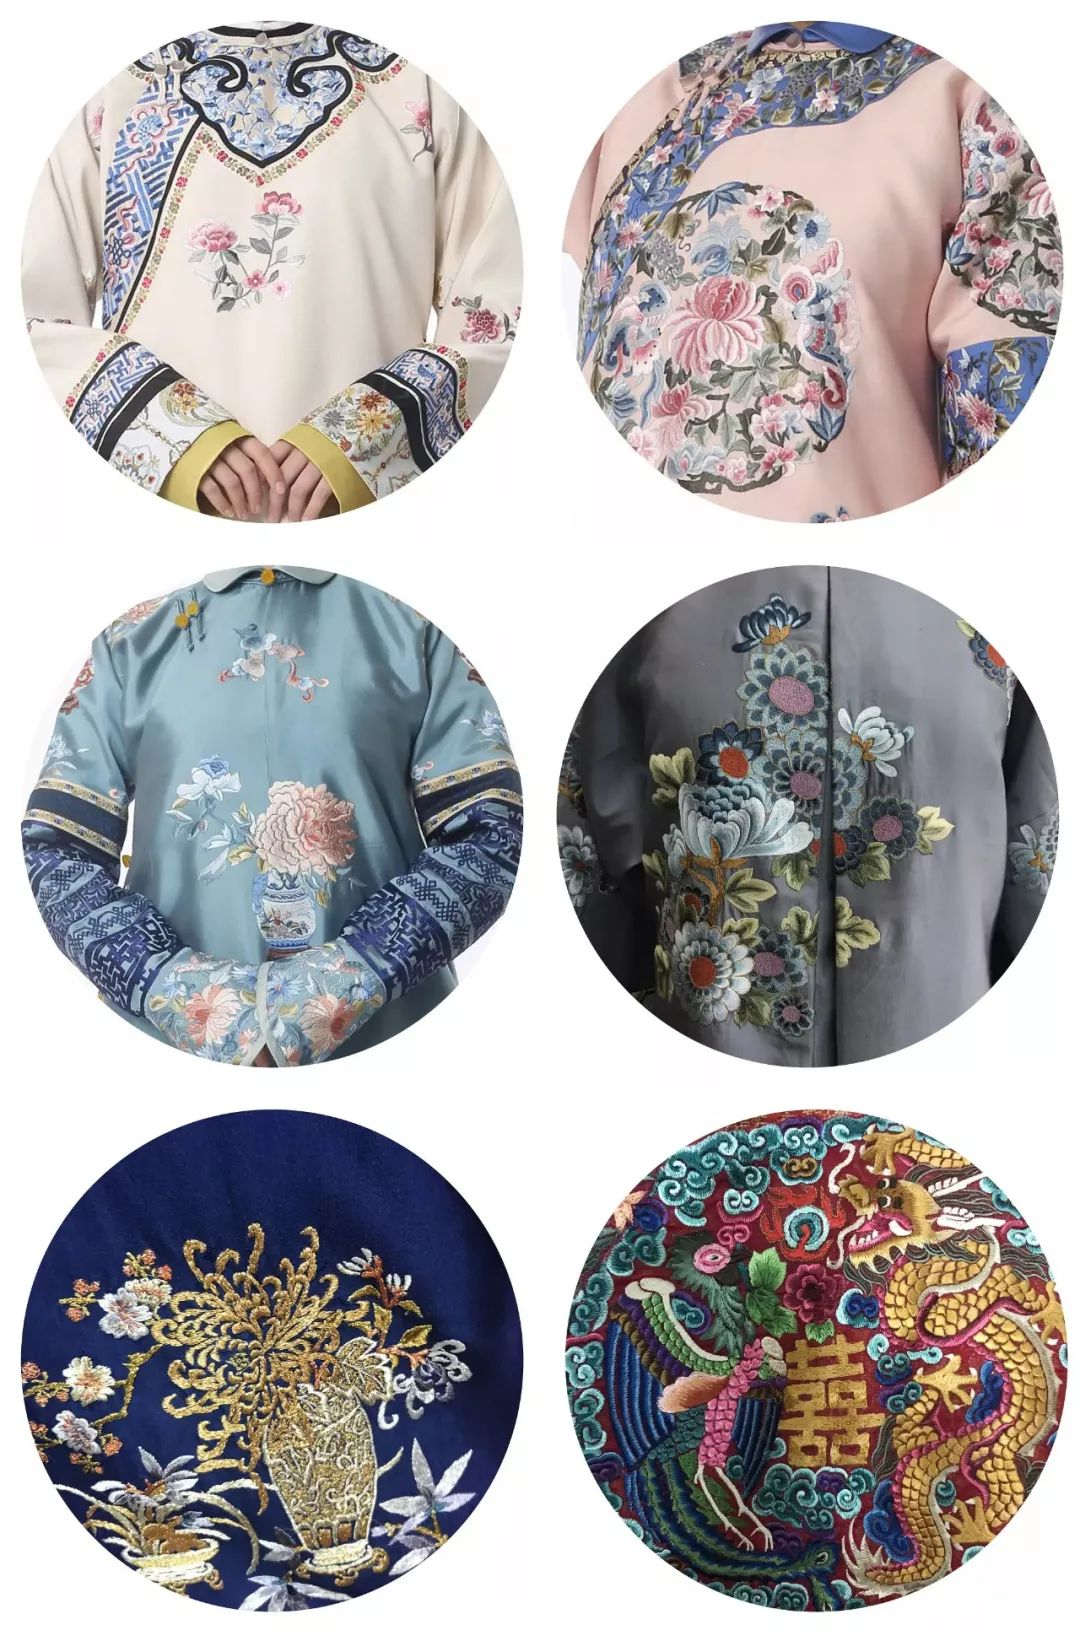 【欧伦达装饰】《延禧攻略》的莫兰迪色用在家居配色里居然这么美